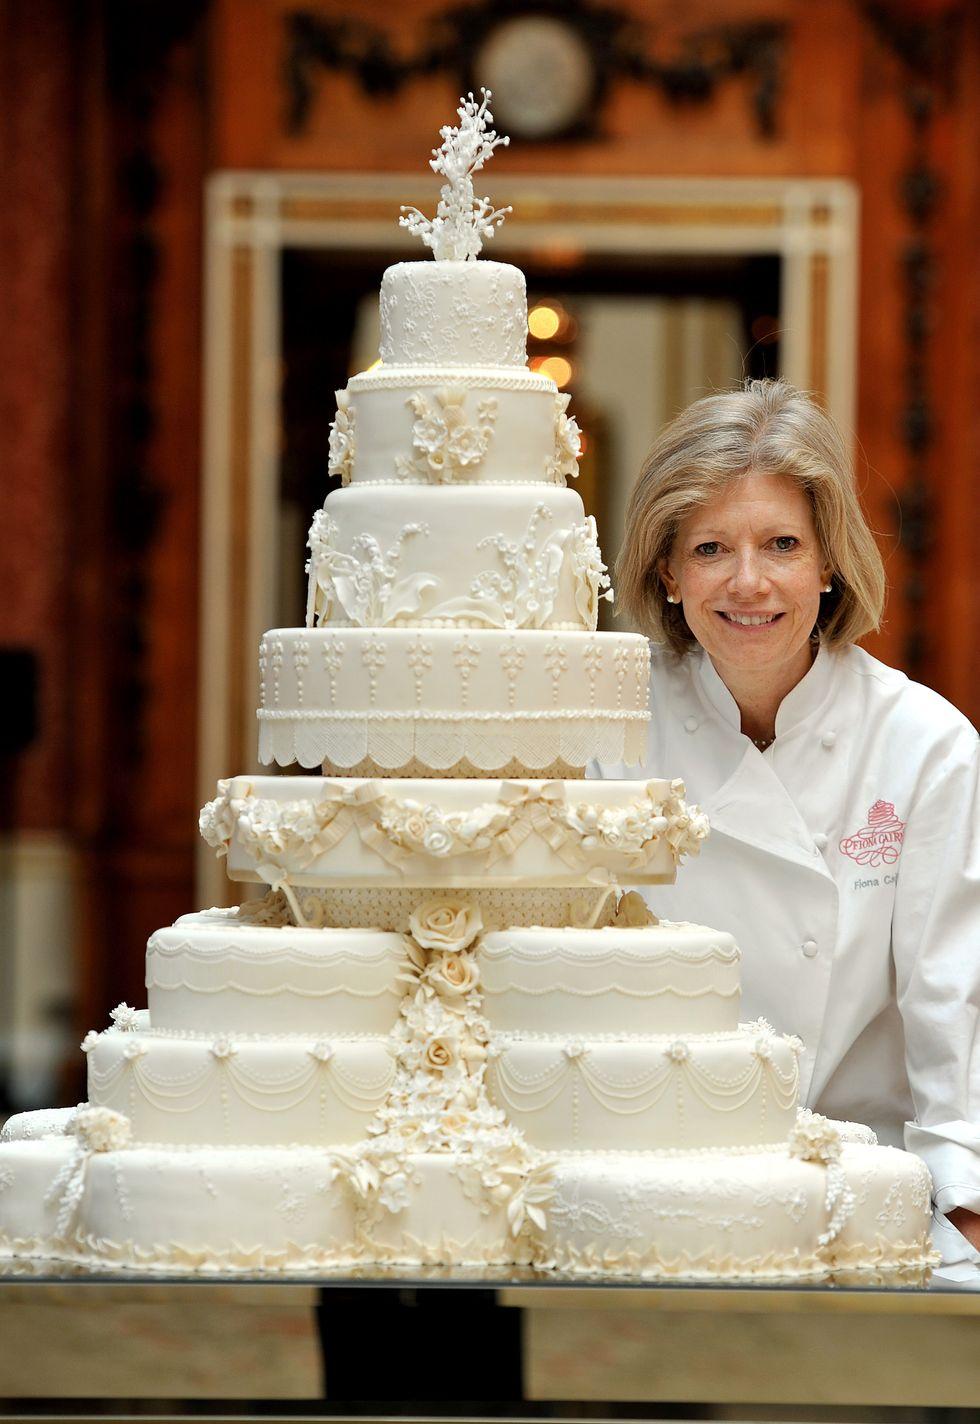 William e Kate, una fetta di torta nuziale battuta all'asta per 3.000 euro